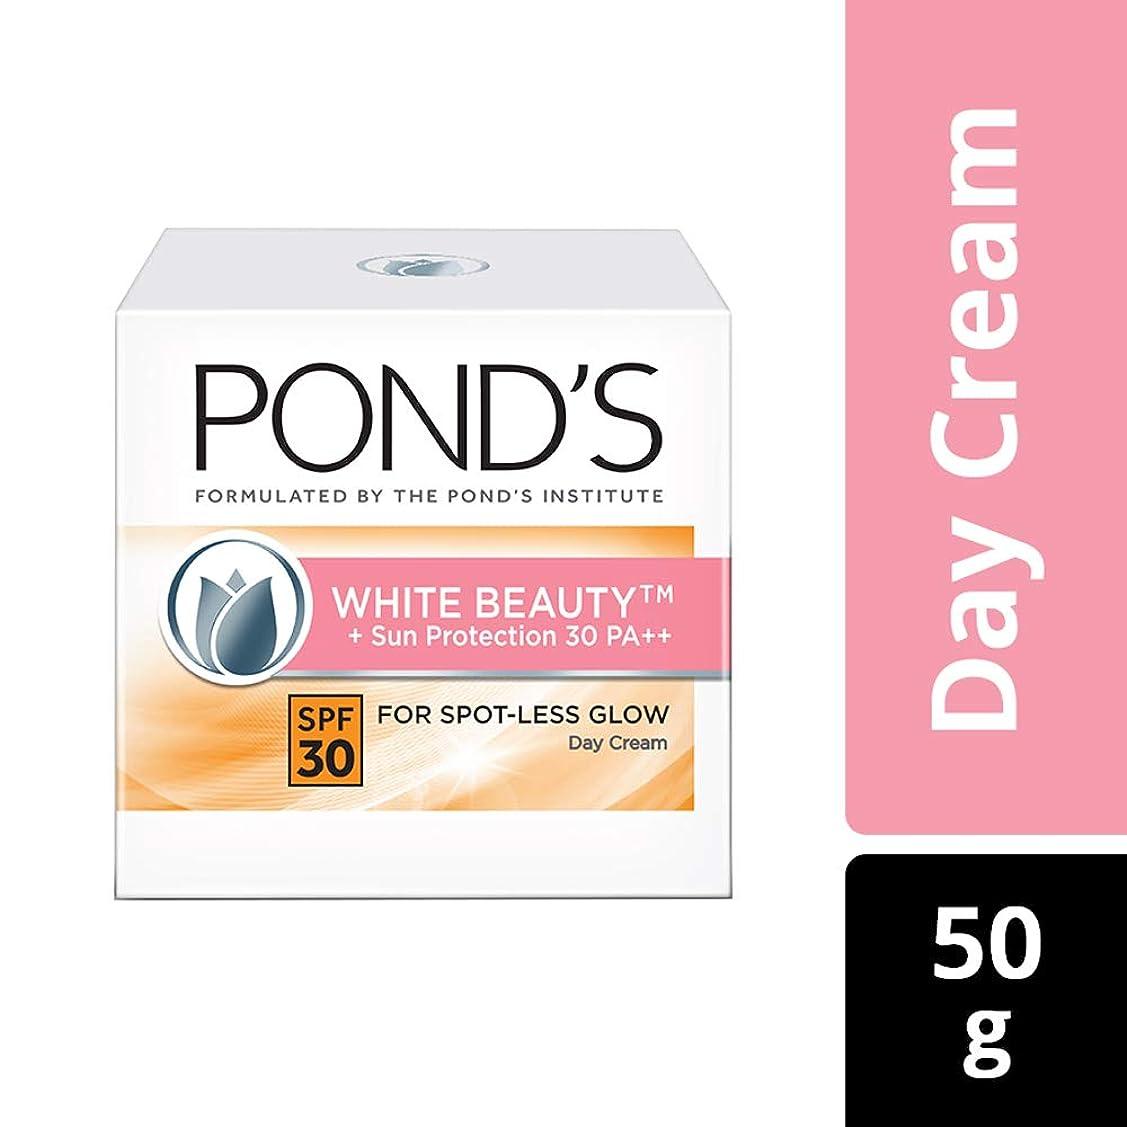 タブレット鉄道香水POND'S White Beauty Sun Protection SPF 30 Day Cream, 50 g